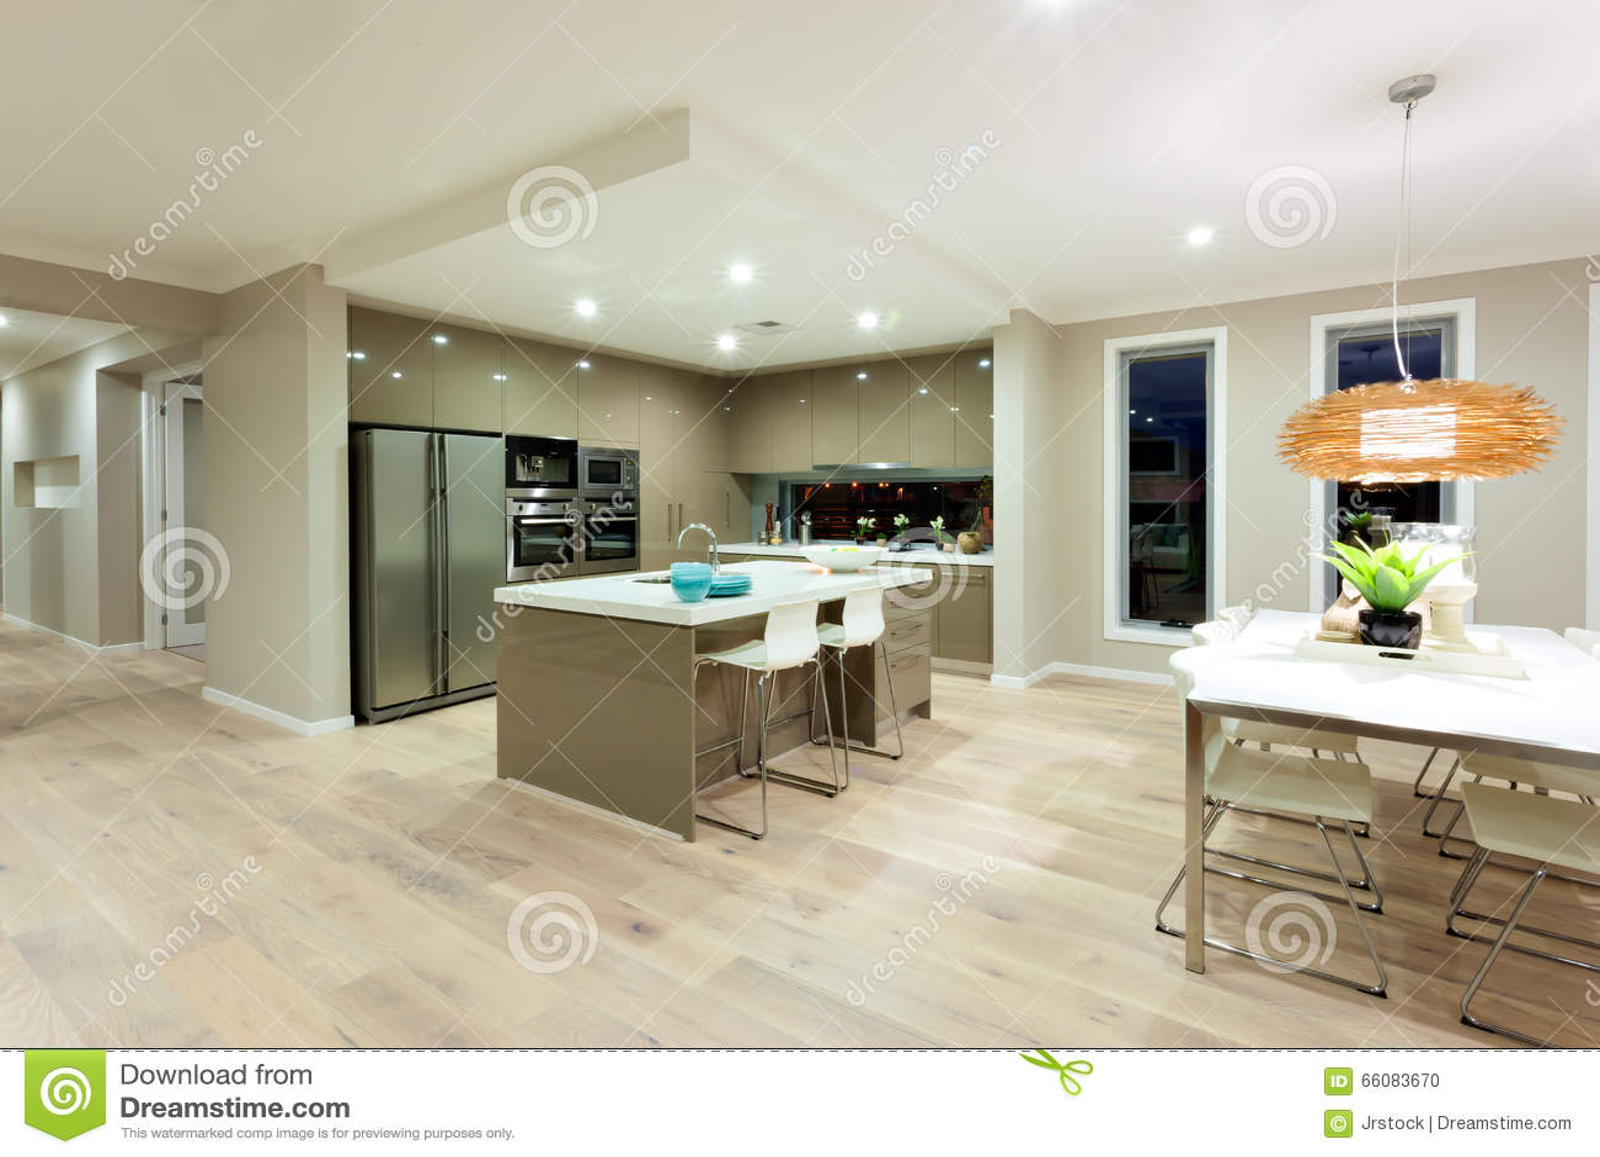 Cozinha moderna e opini o interior dinning da rea de uma for Casa moderna immagini